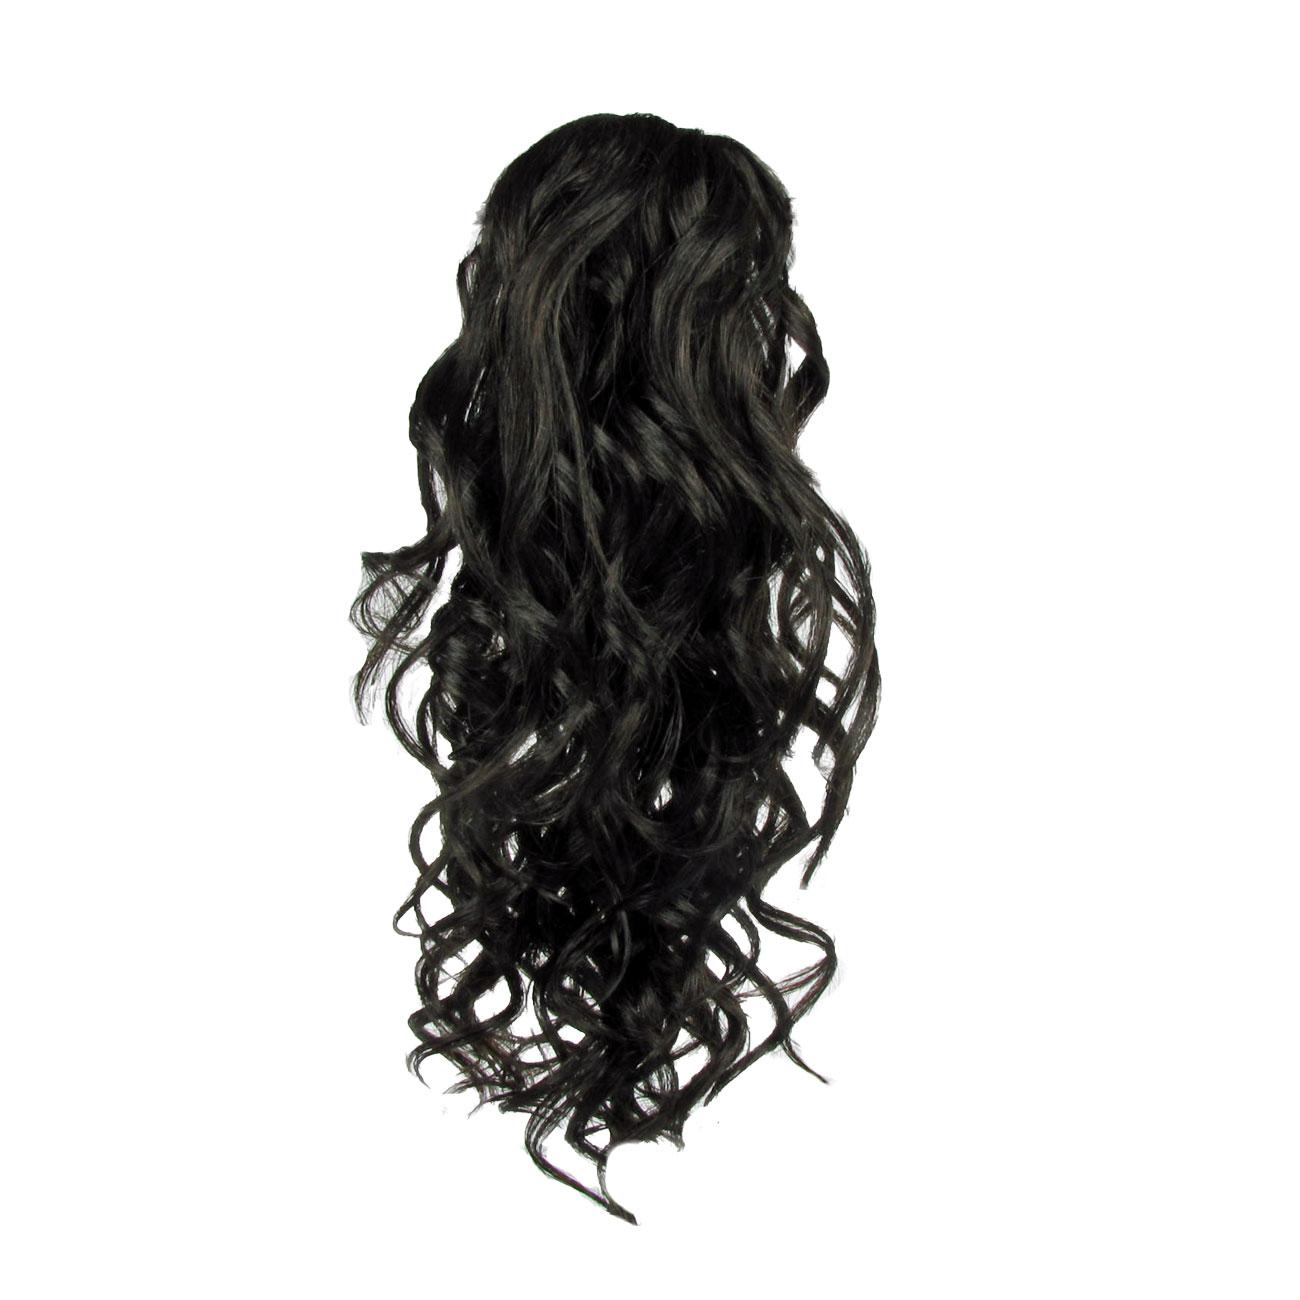 Xi Hair Clinic